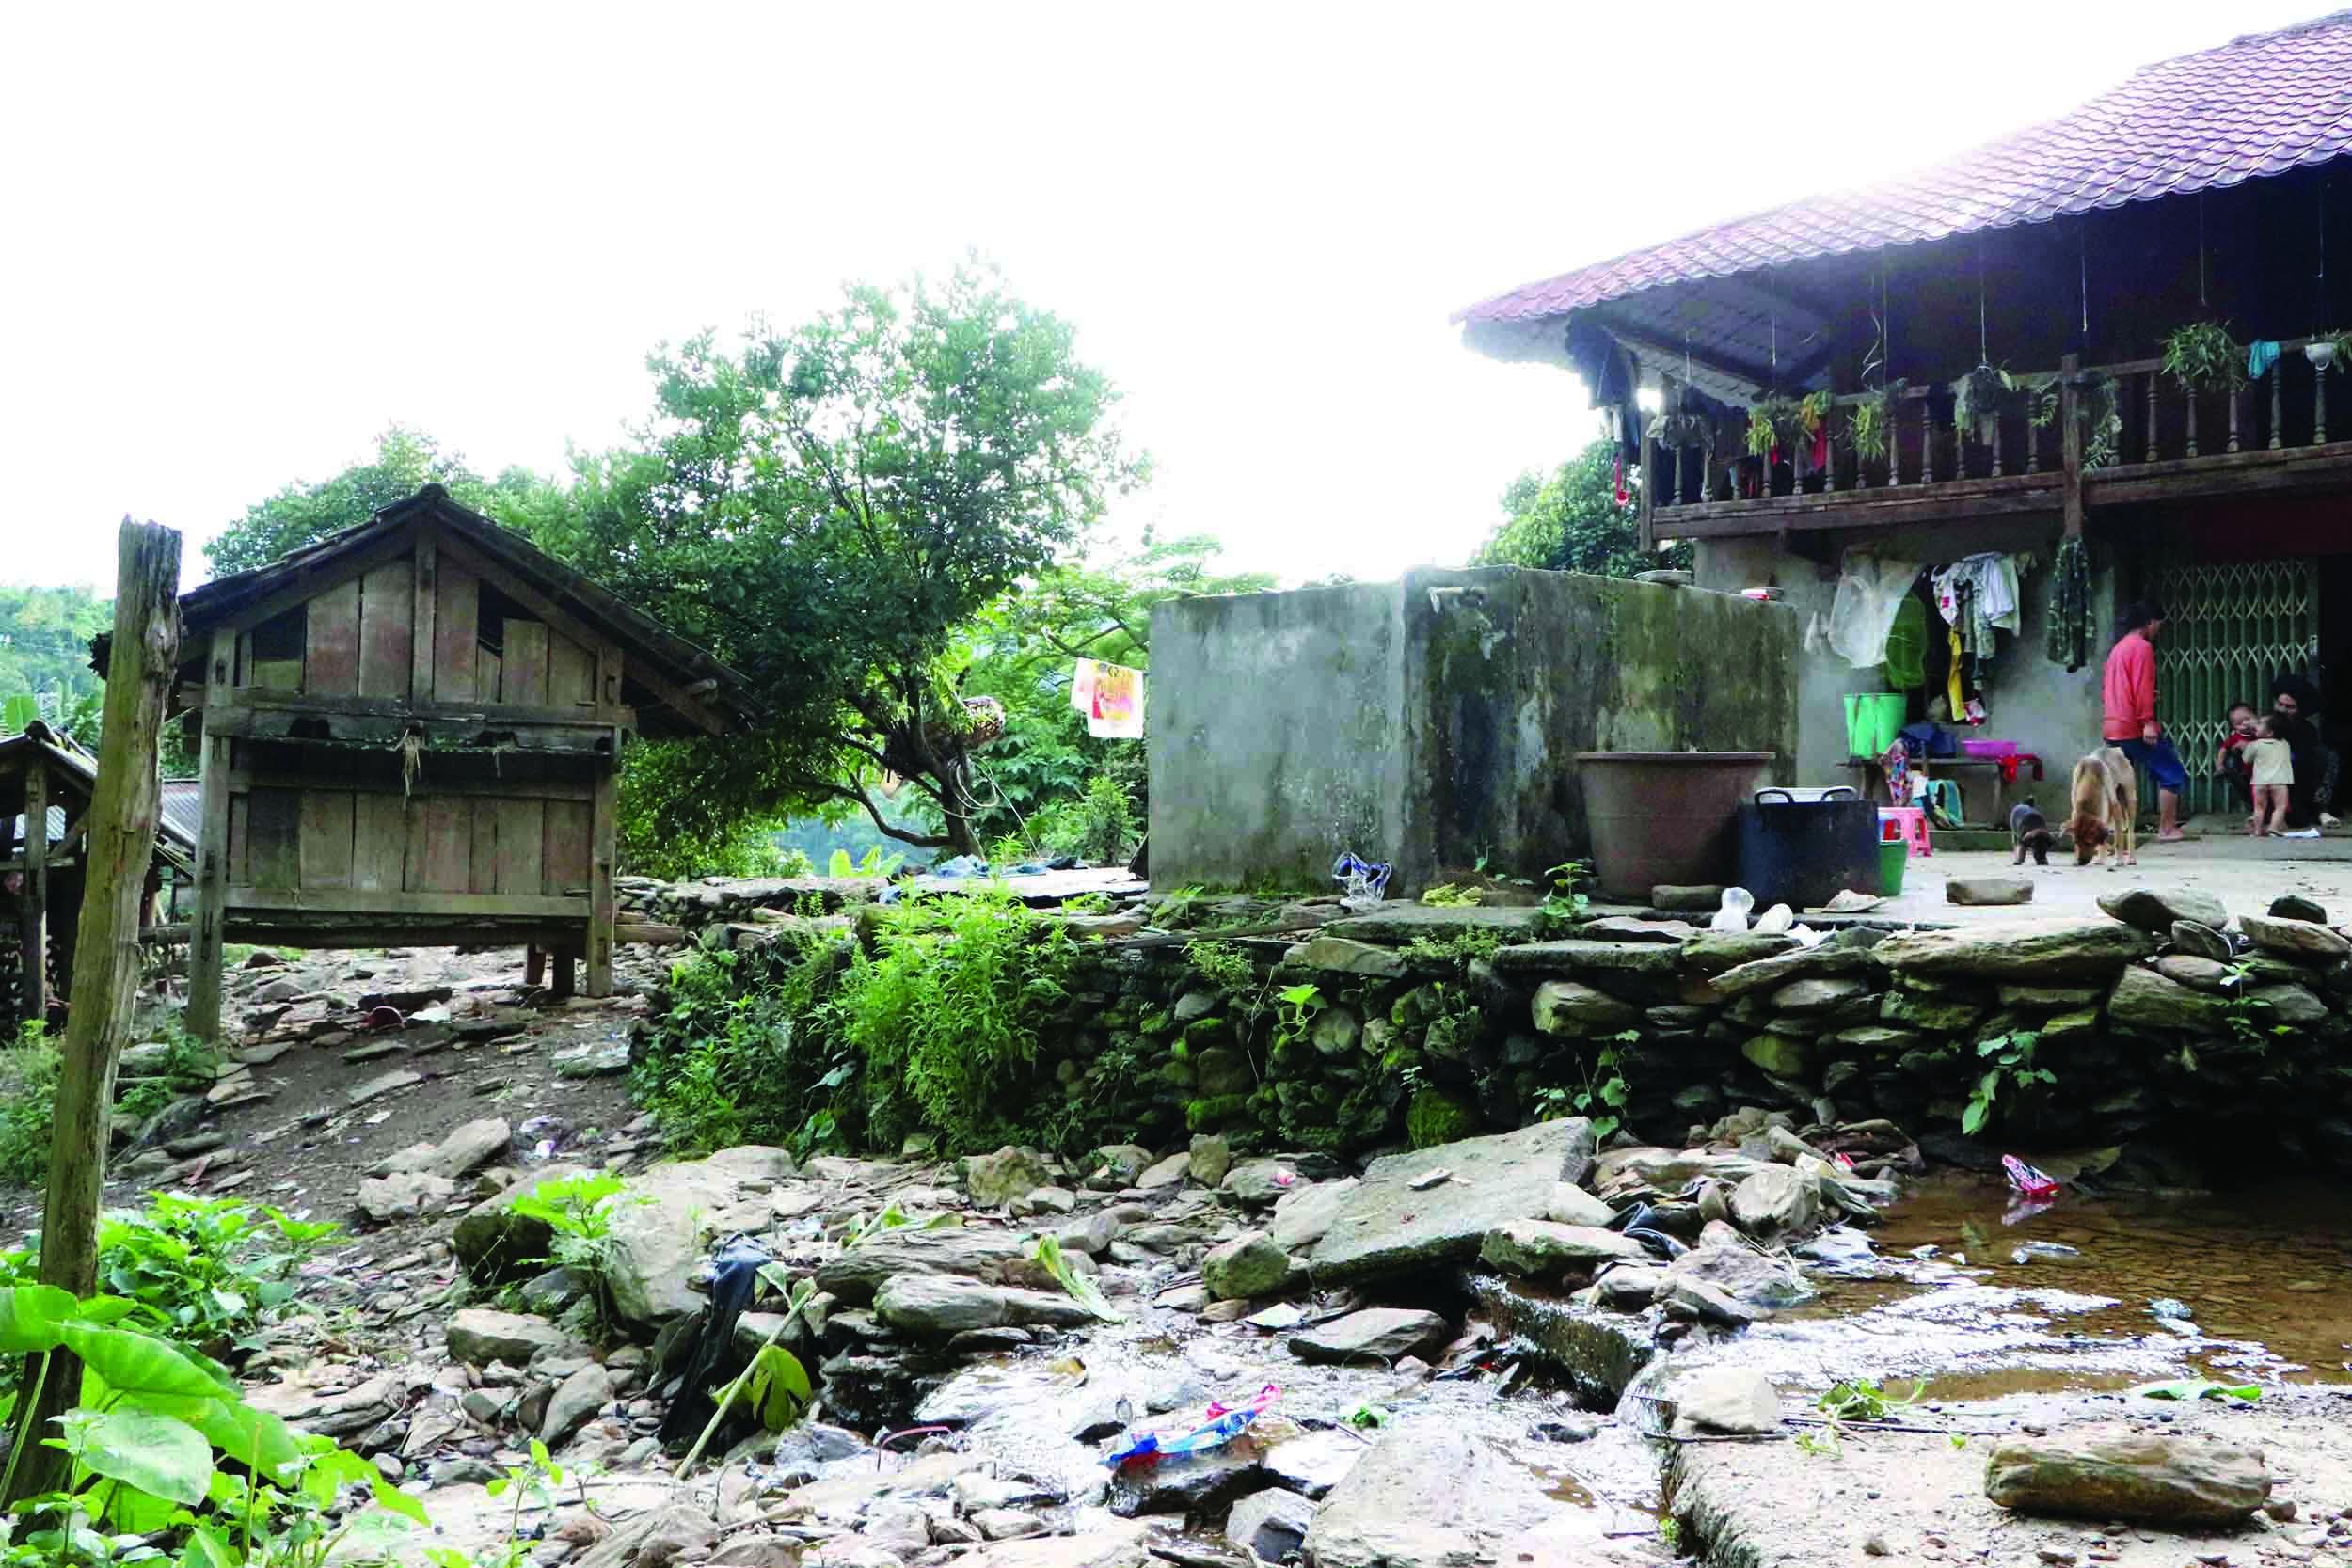 Hàng chục hộ dân trên địa bàn xã Lản Nhì Thàng có nhà bị sụt lún, nứt, tiềm ẩn nguy cơ mất an toàn cao.